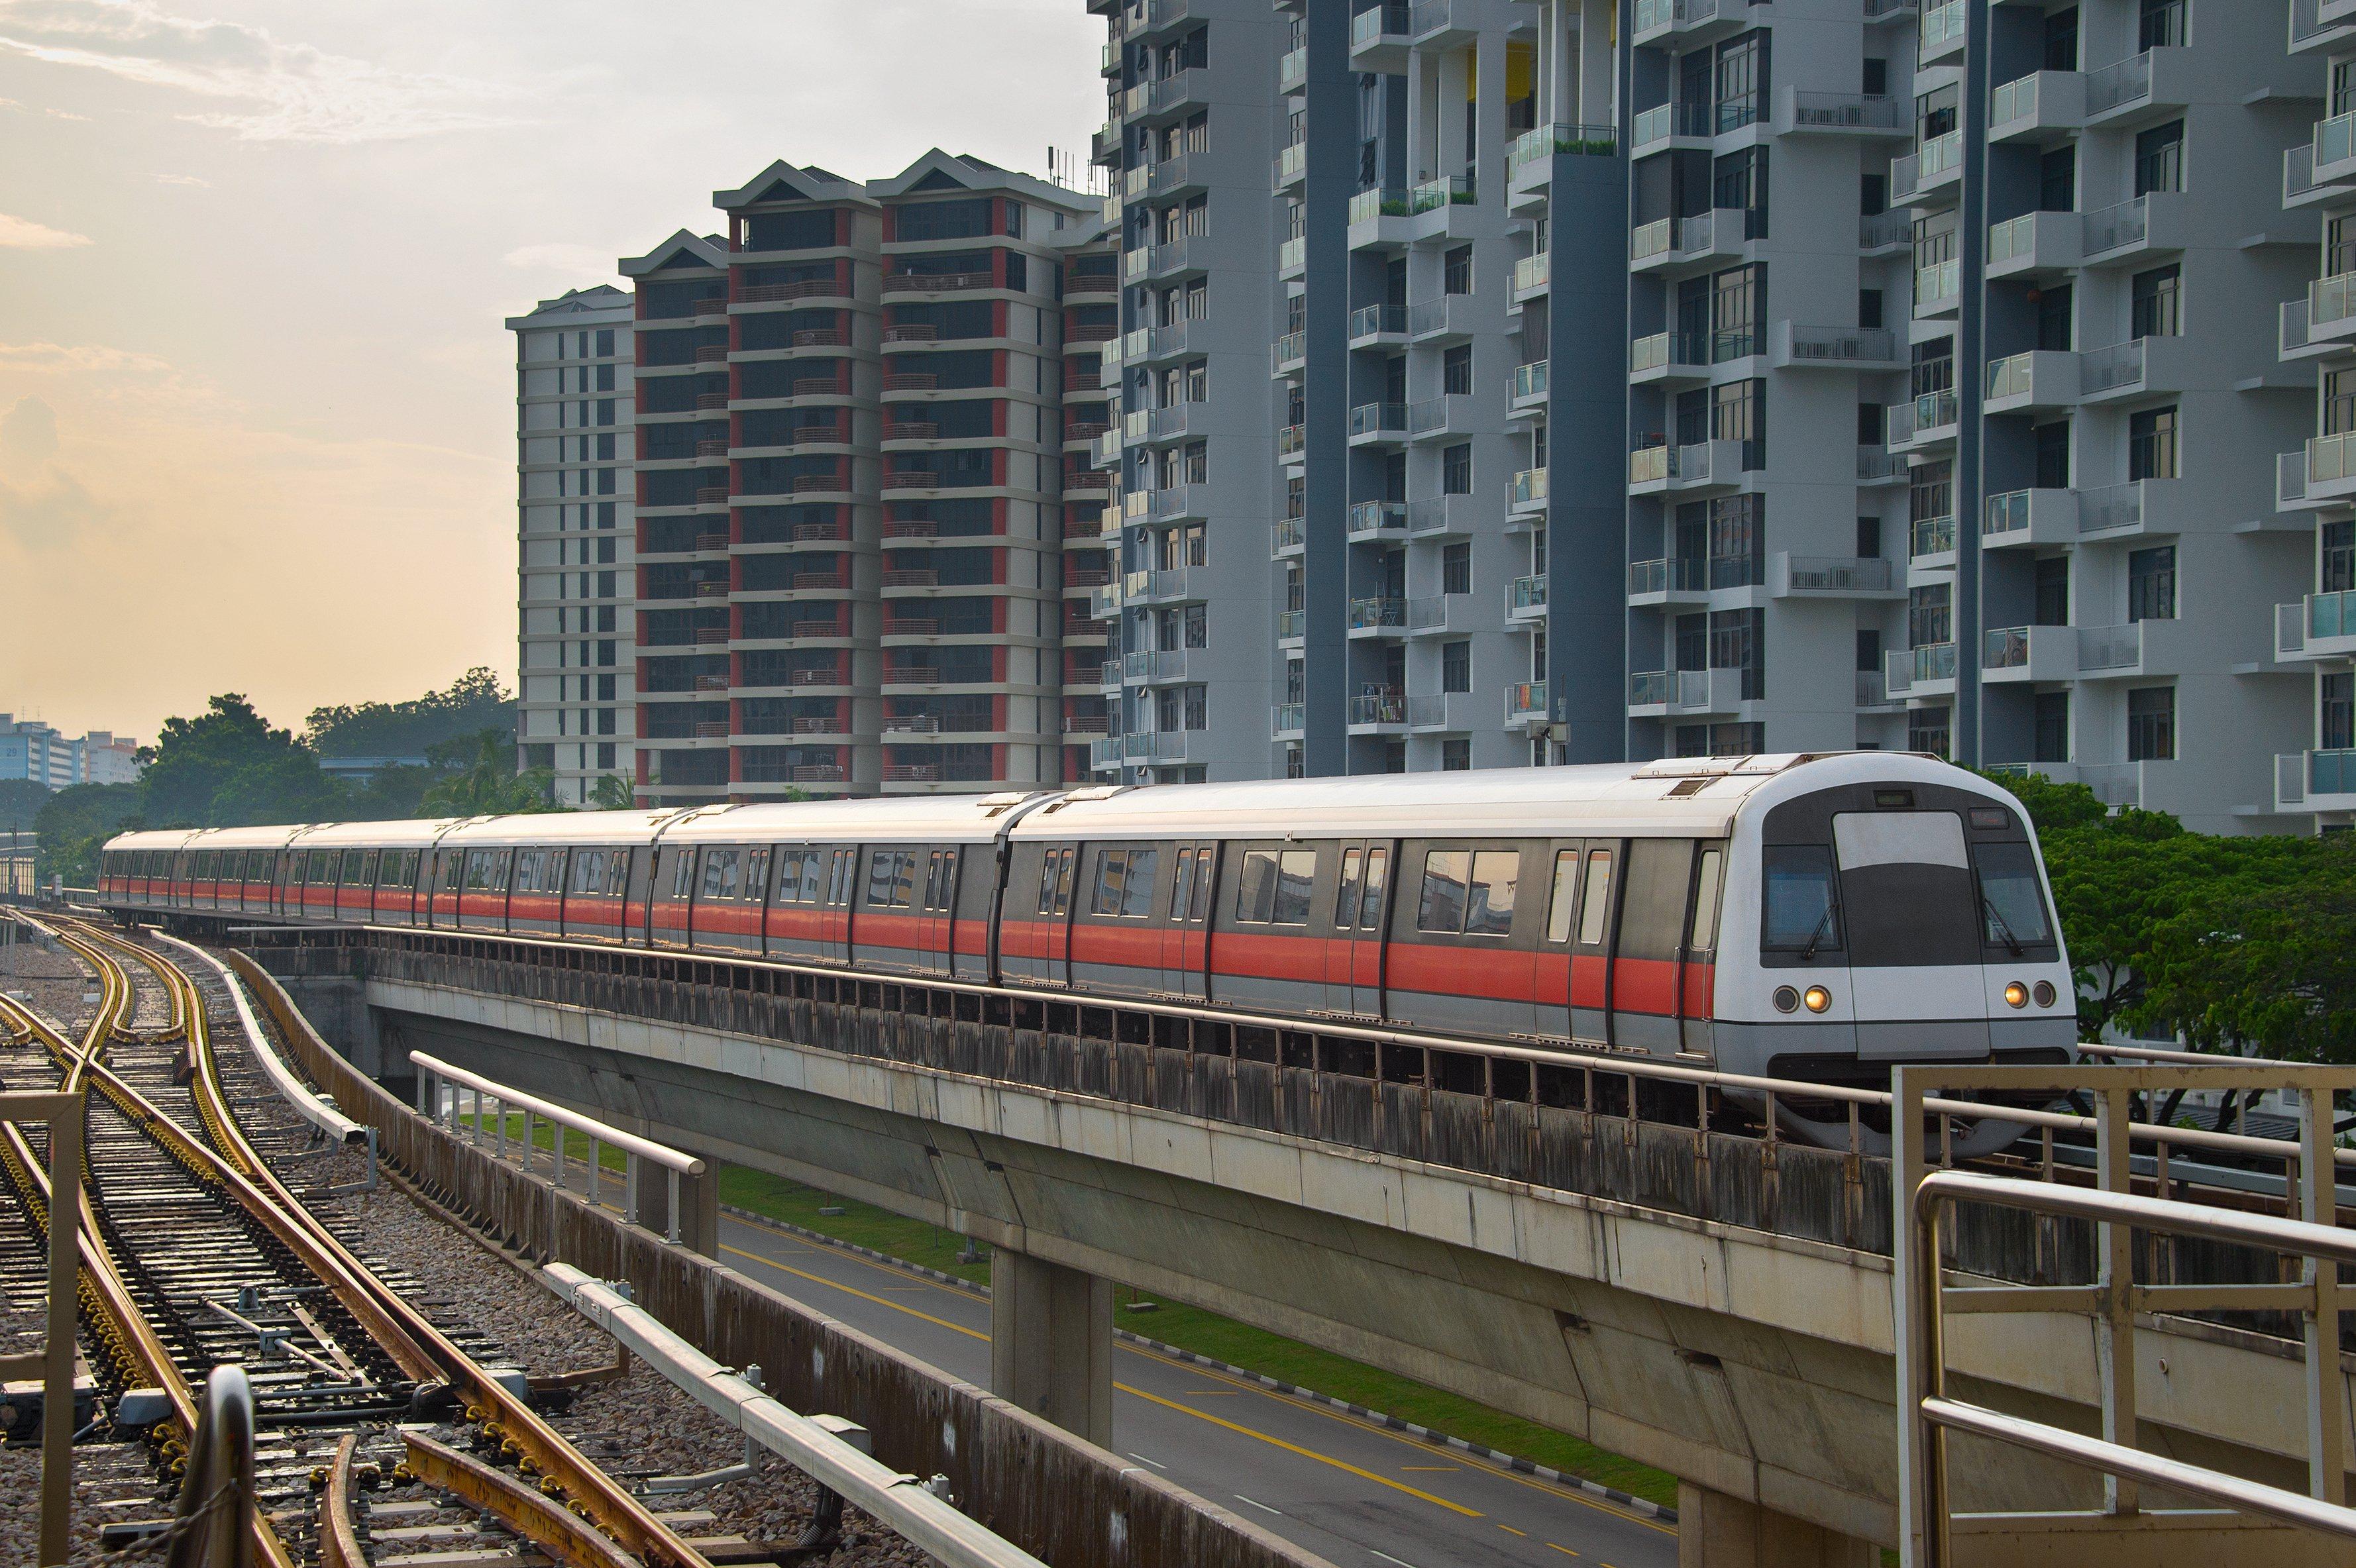 MRT train beside flats